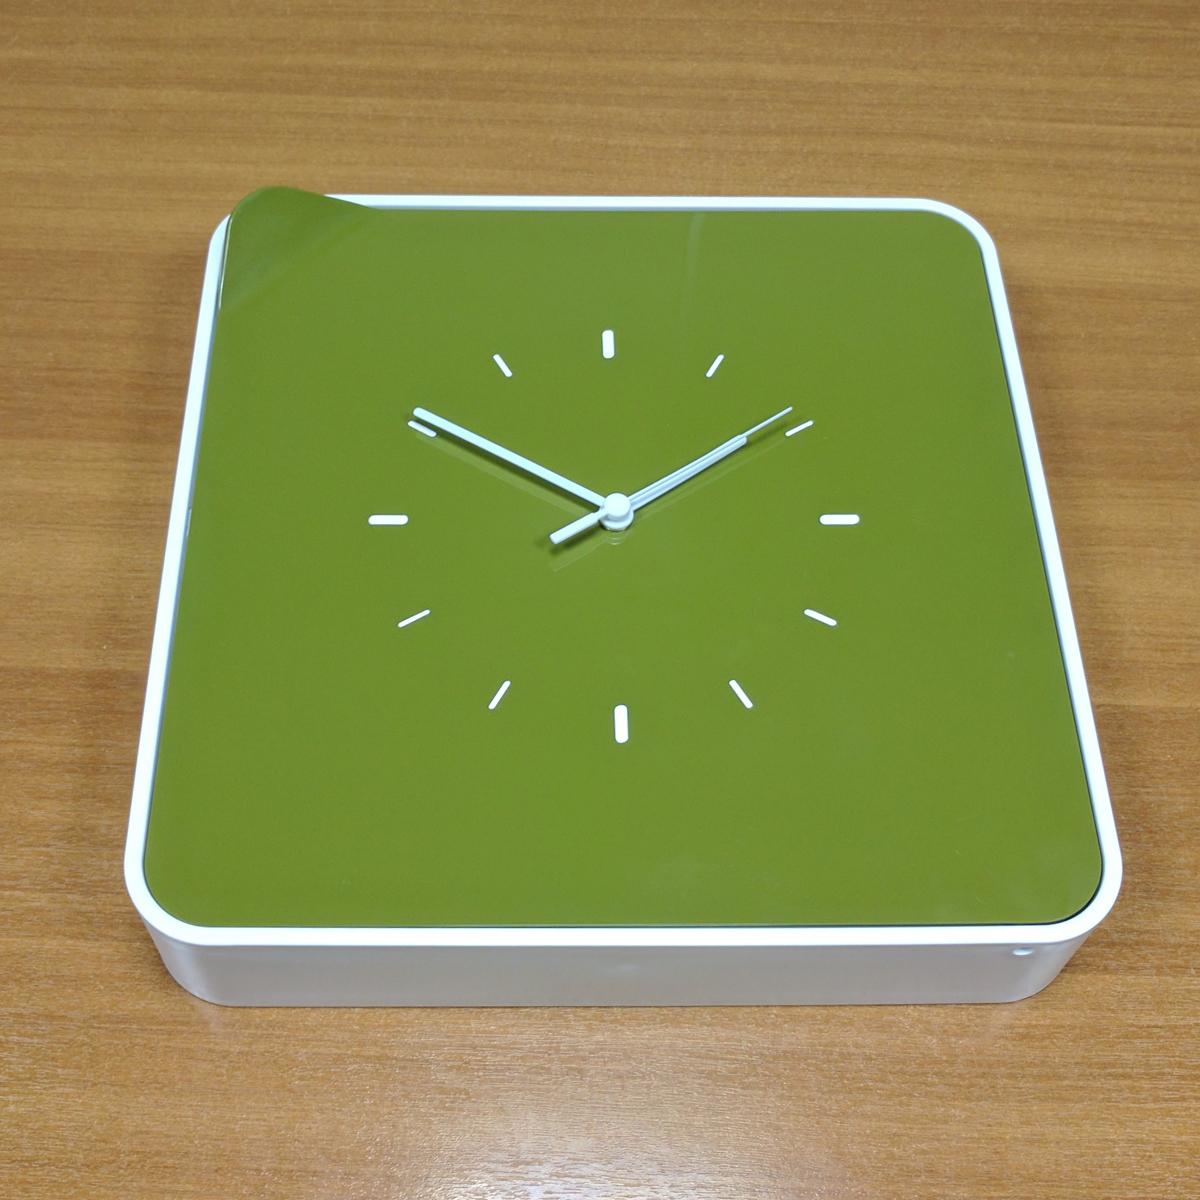 Ключница настенная Byline, с часами, цвет: зеленый. 108.3254.03108.3254.03Многофункциональный ящик - удобное решение для хранения любых мелочей: косметика, лаки, украшения, диски и другие мелкие аксессуары всегда будут на своем месте. Ящик легко впишется в интерьер, спальни, гостиной и даже деткой комнаты.